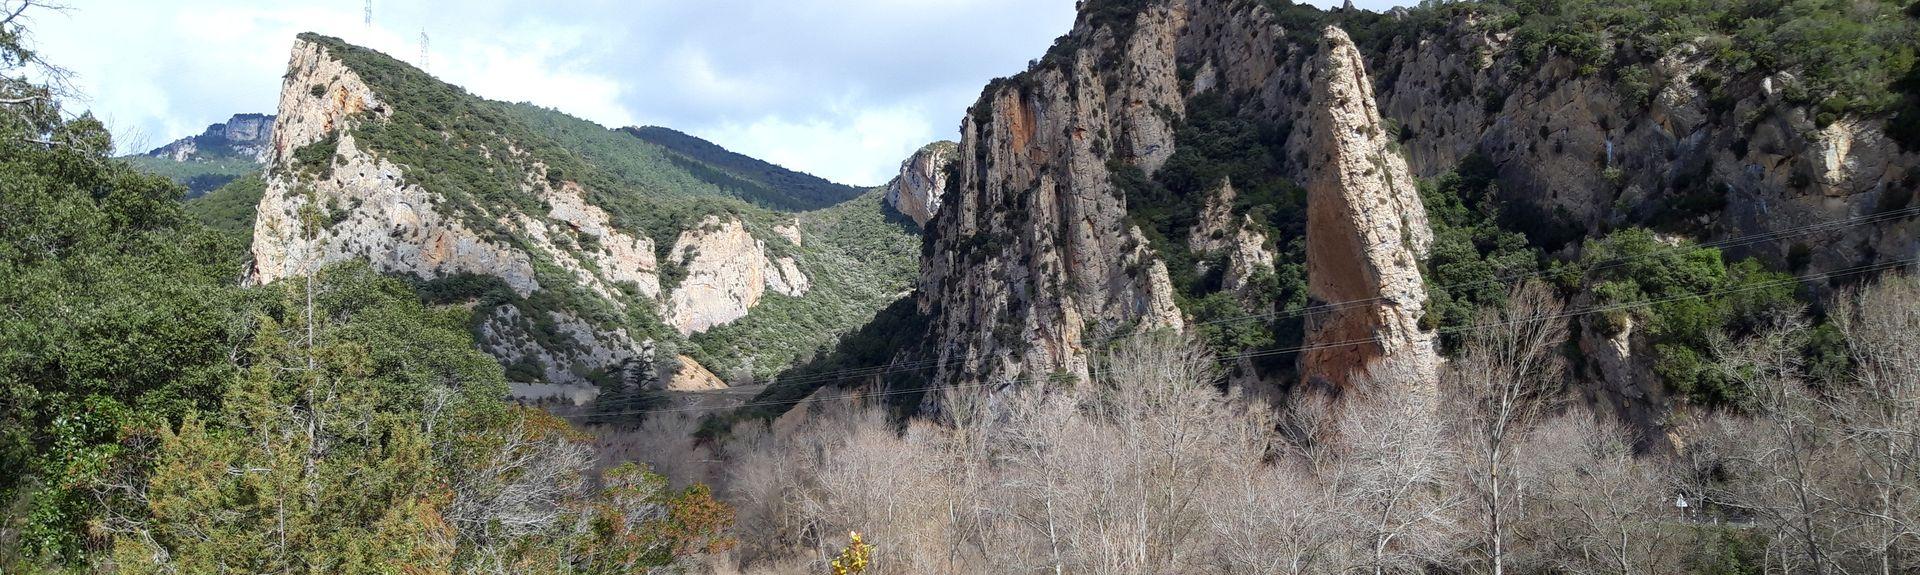 Pancorbo, Castilla y León, España